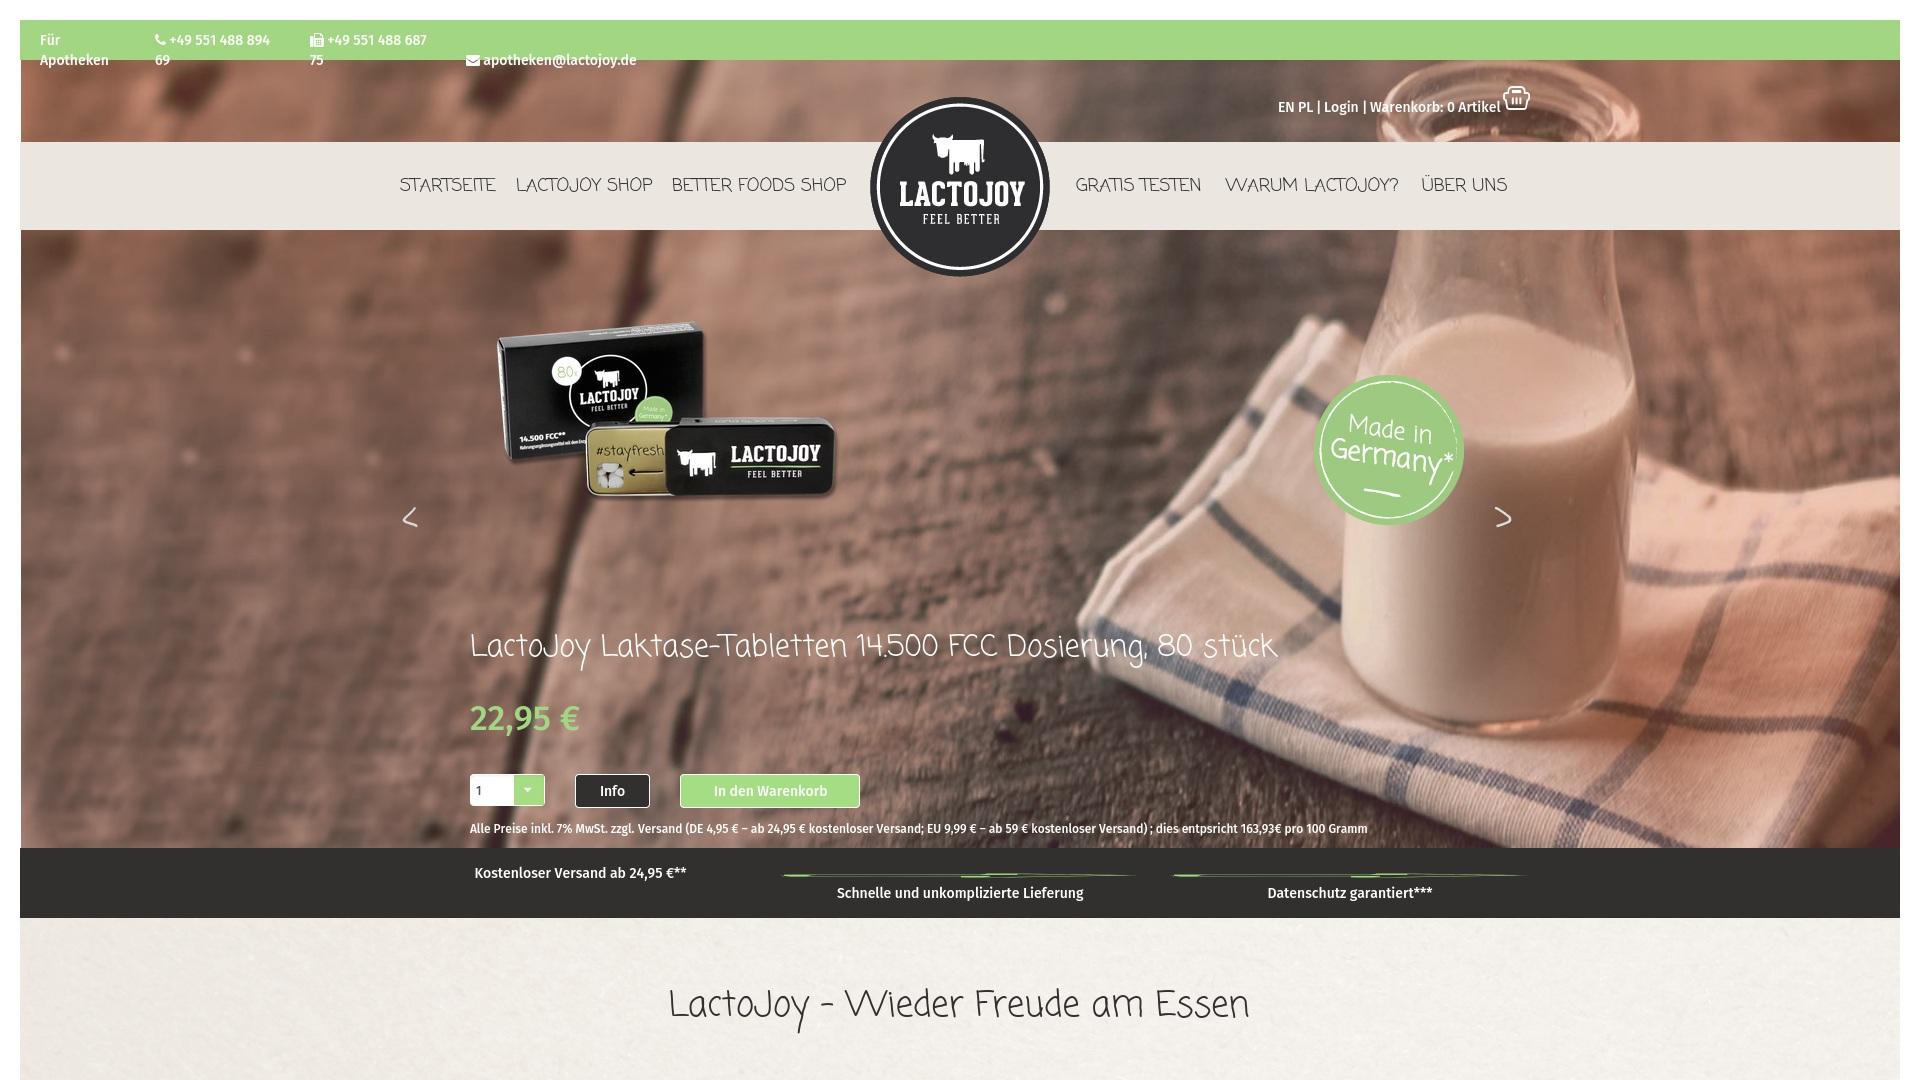 Gutschein für Lactojoy: Rabatte für  Lactojoy sichern